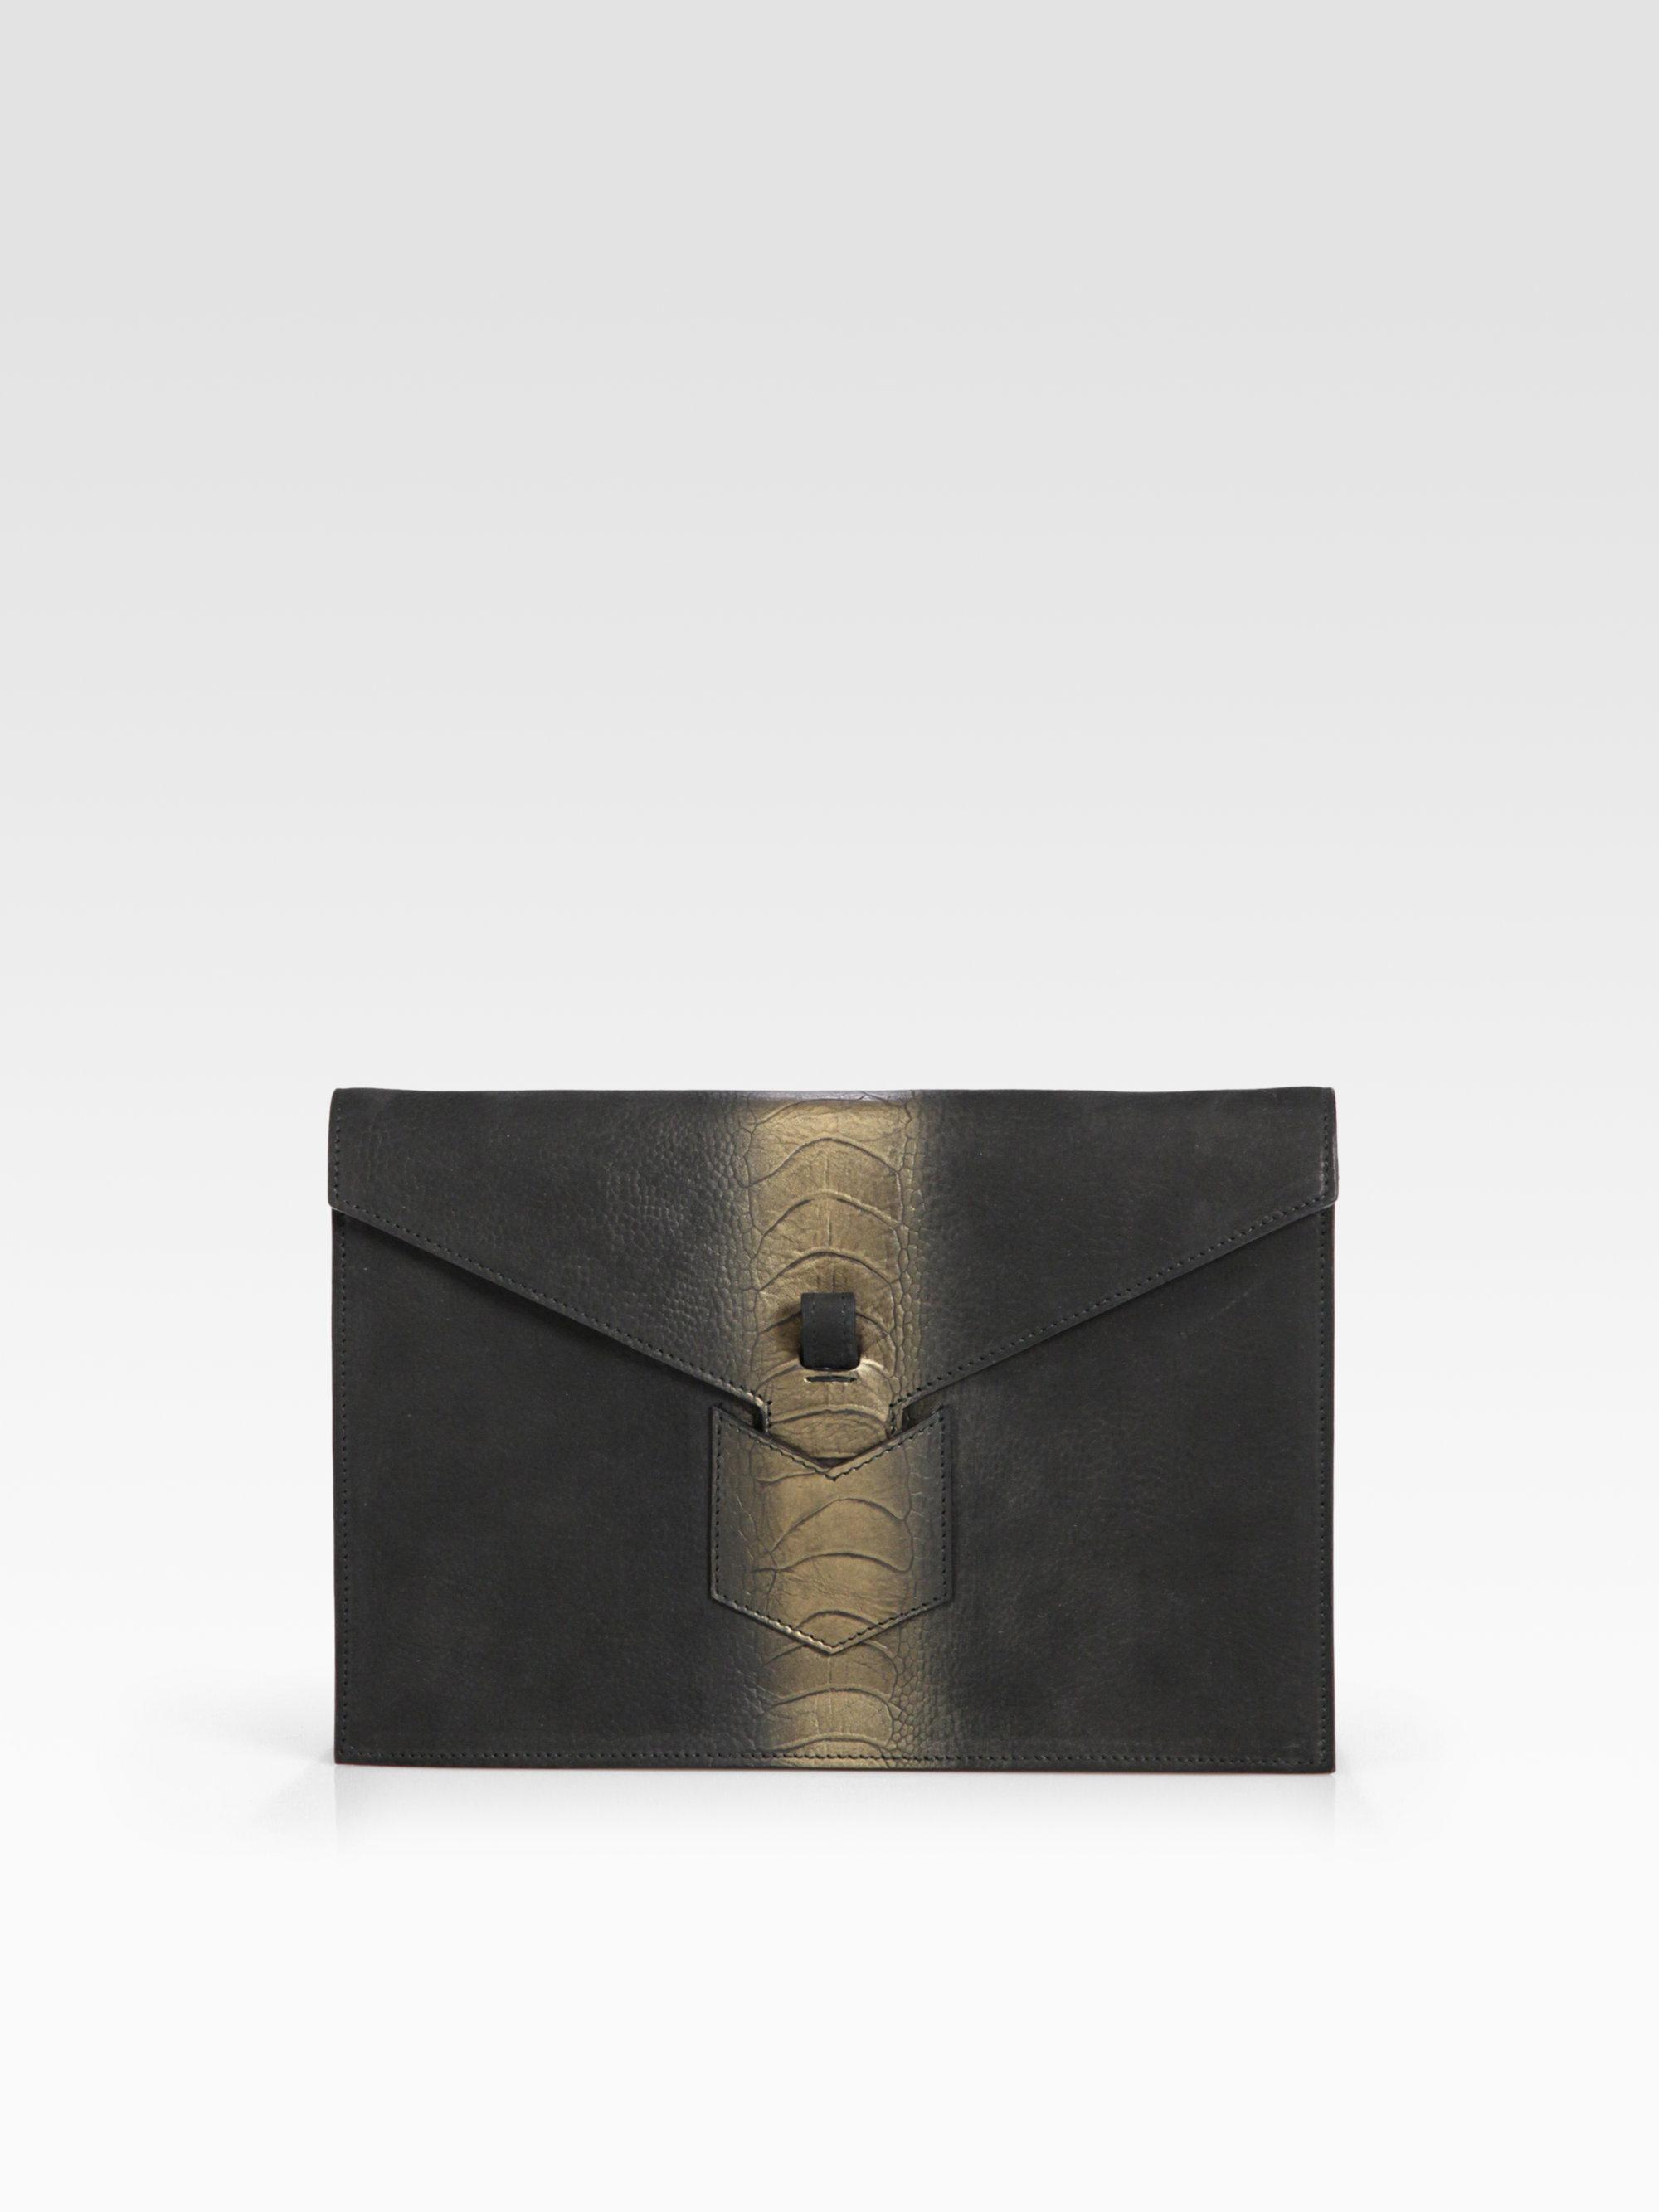 saint laurent classic monogram saint laurent tassel clutch in gold ...